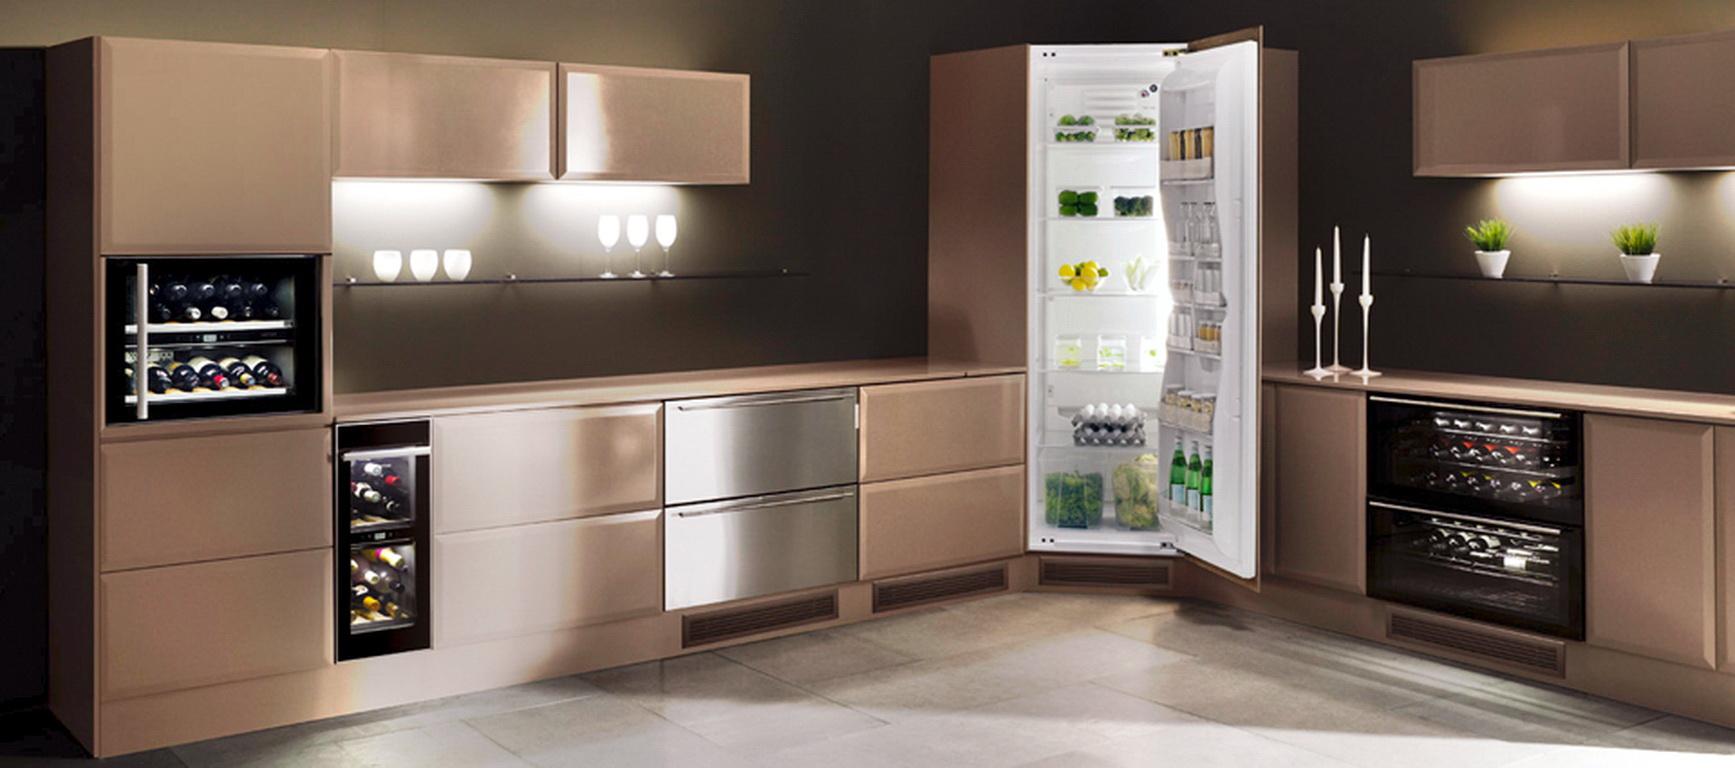 кухни фото дизайн угловые и их схемы с холодильником 1